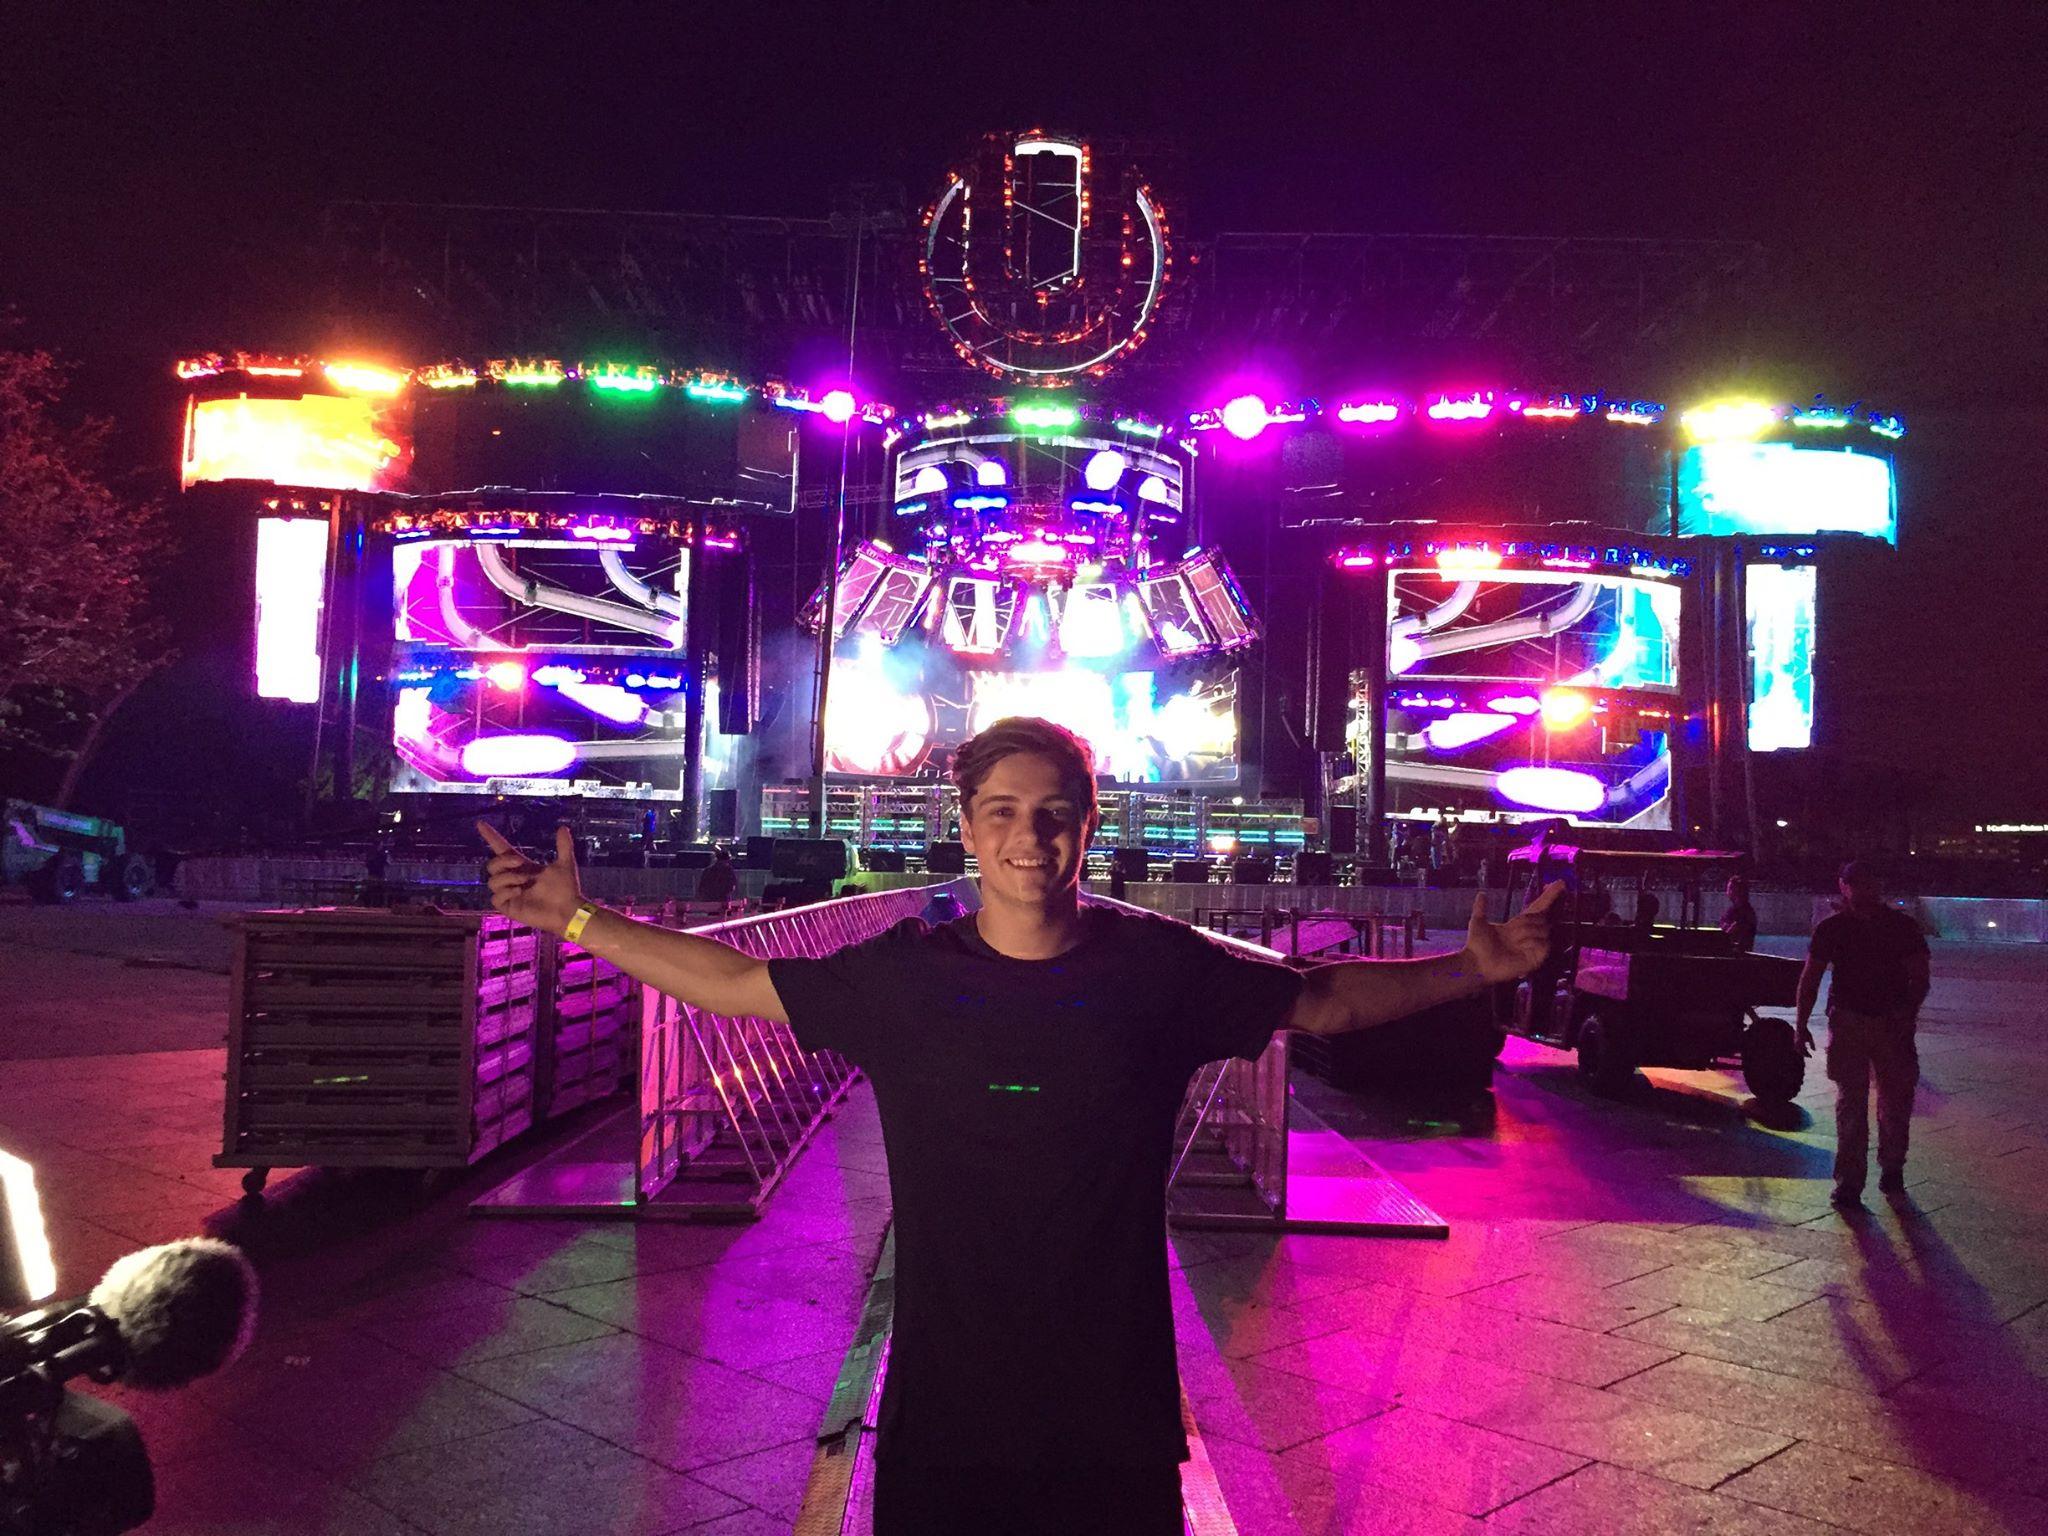 DJ Martin Garrix Music HD Wallpaper